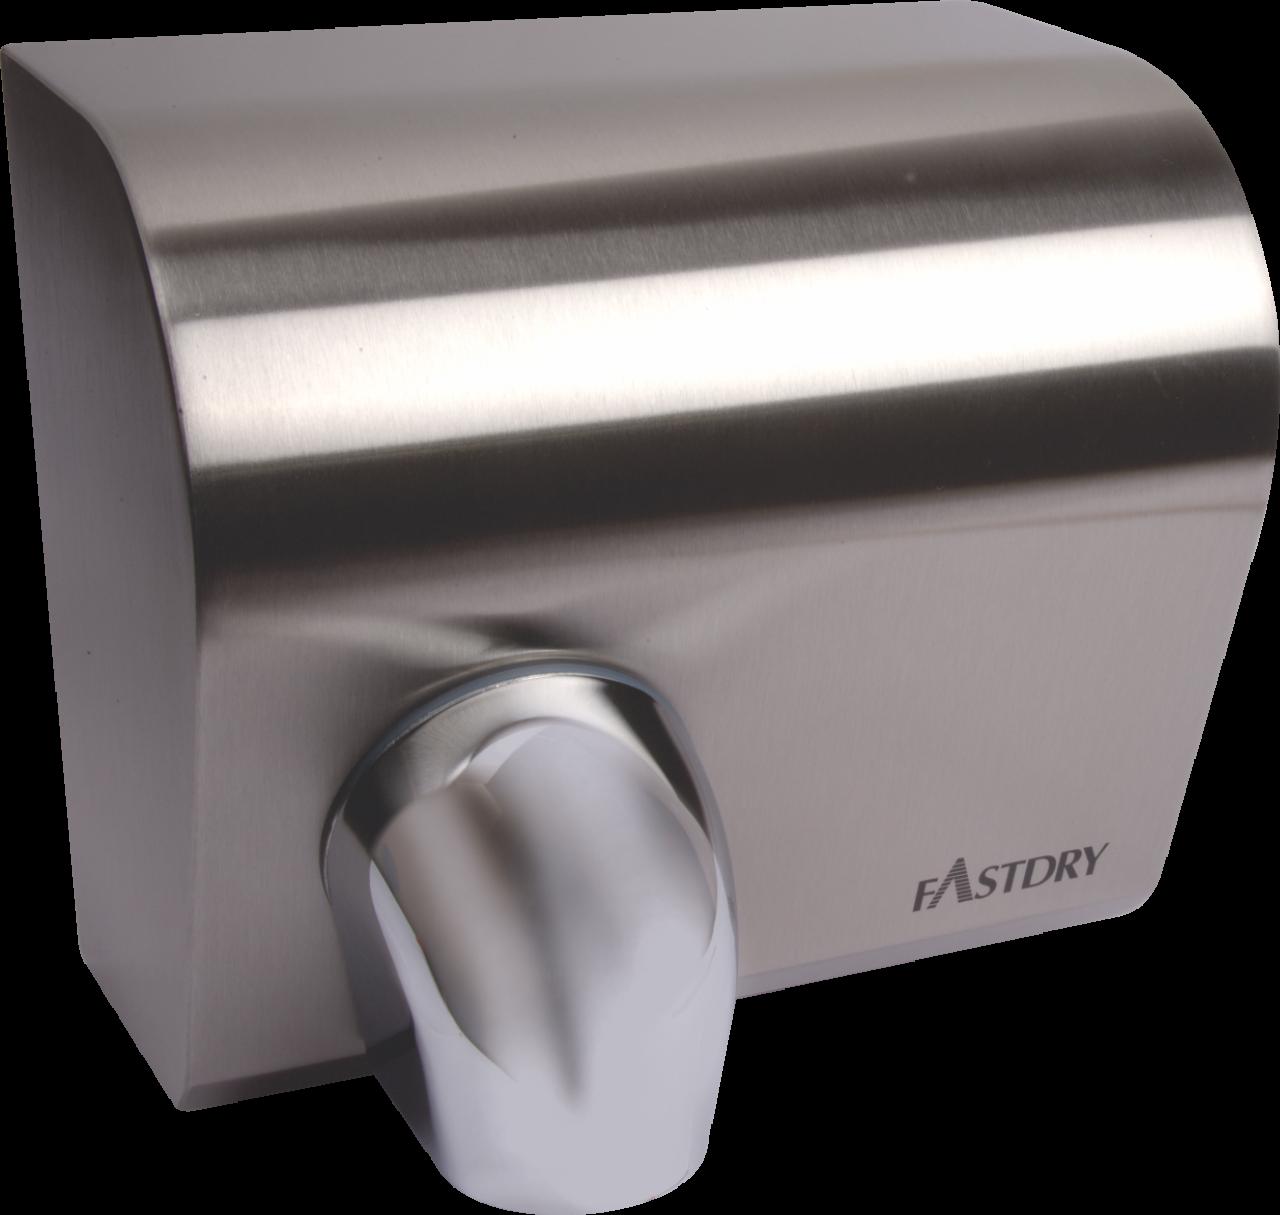 HAND DRYER - FASTDRY 2.4kW - 220v